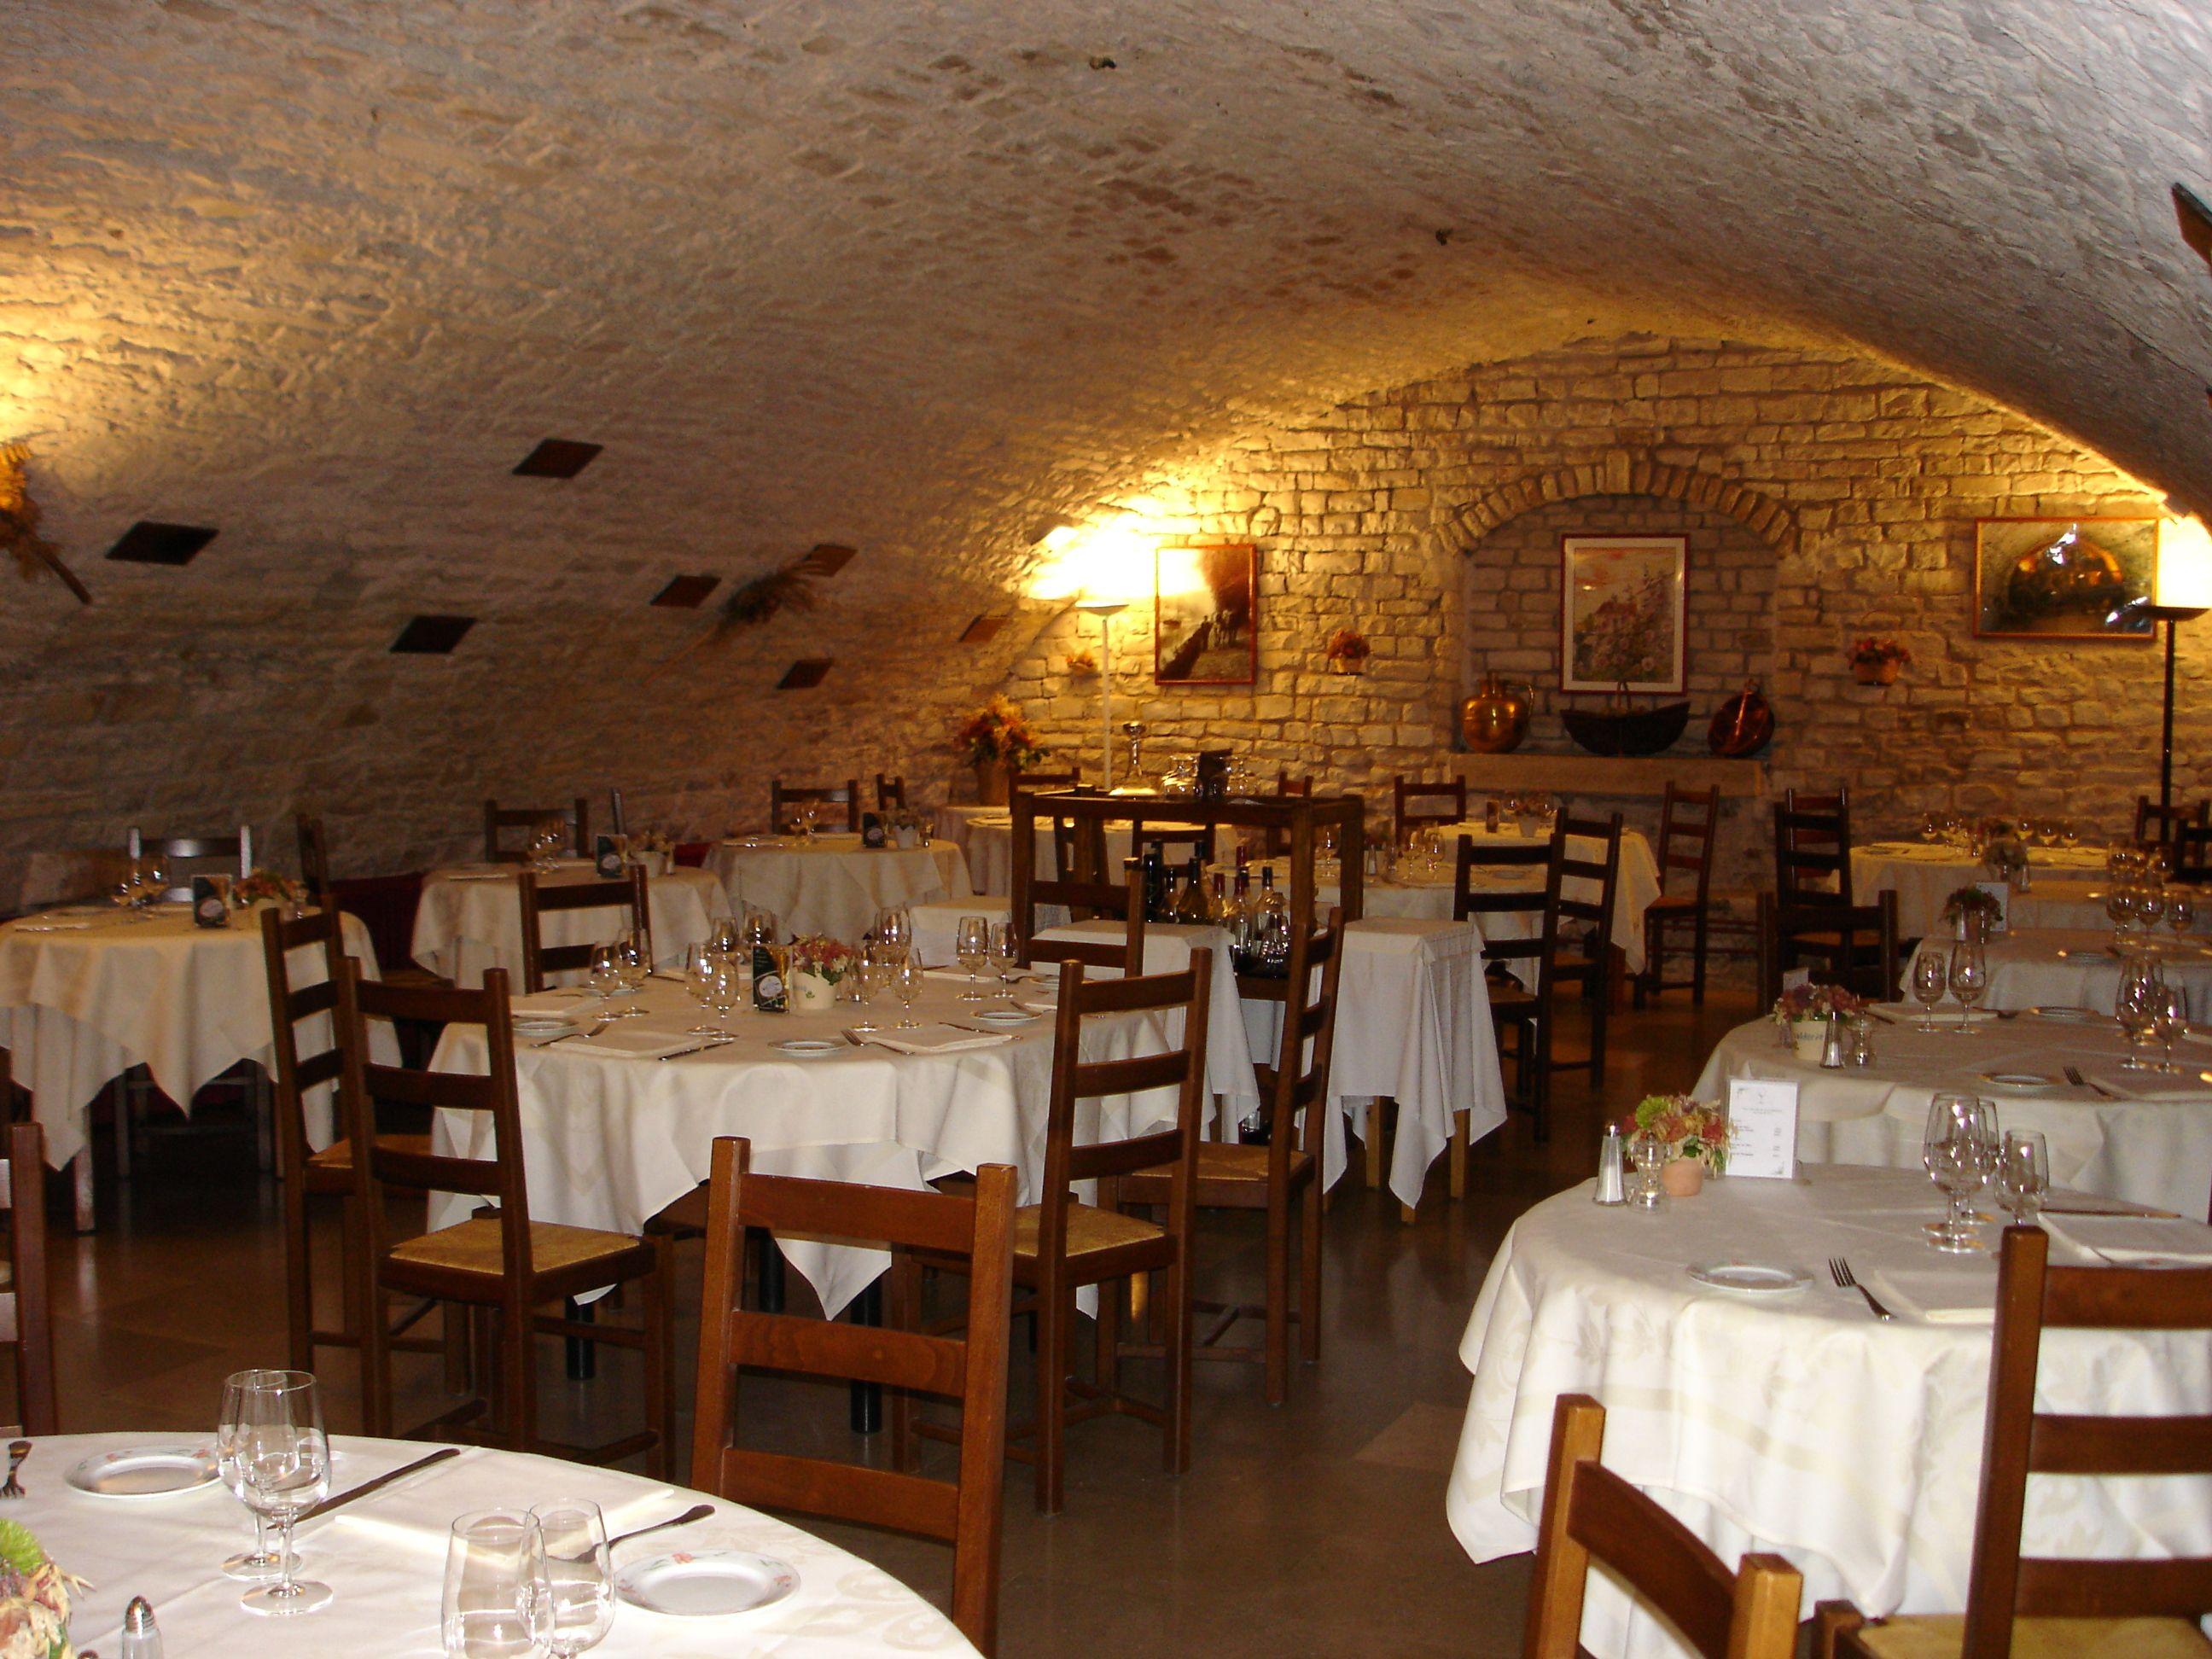 Hostellerie De La Fontaine A Accolay Coeurdelyonne Yonne Bourgogne Decor Home Decor Restaurant